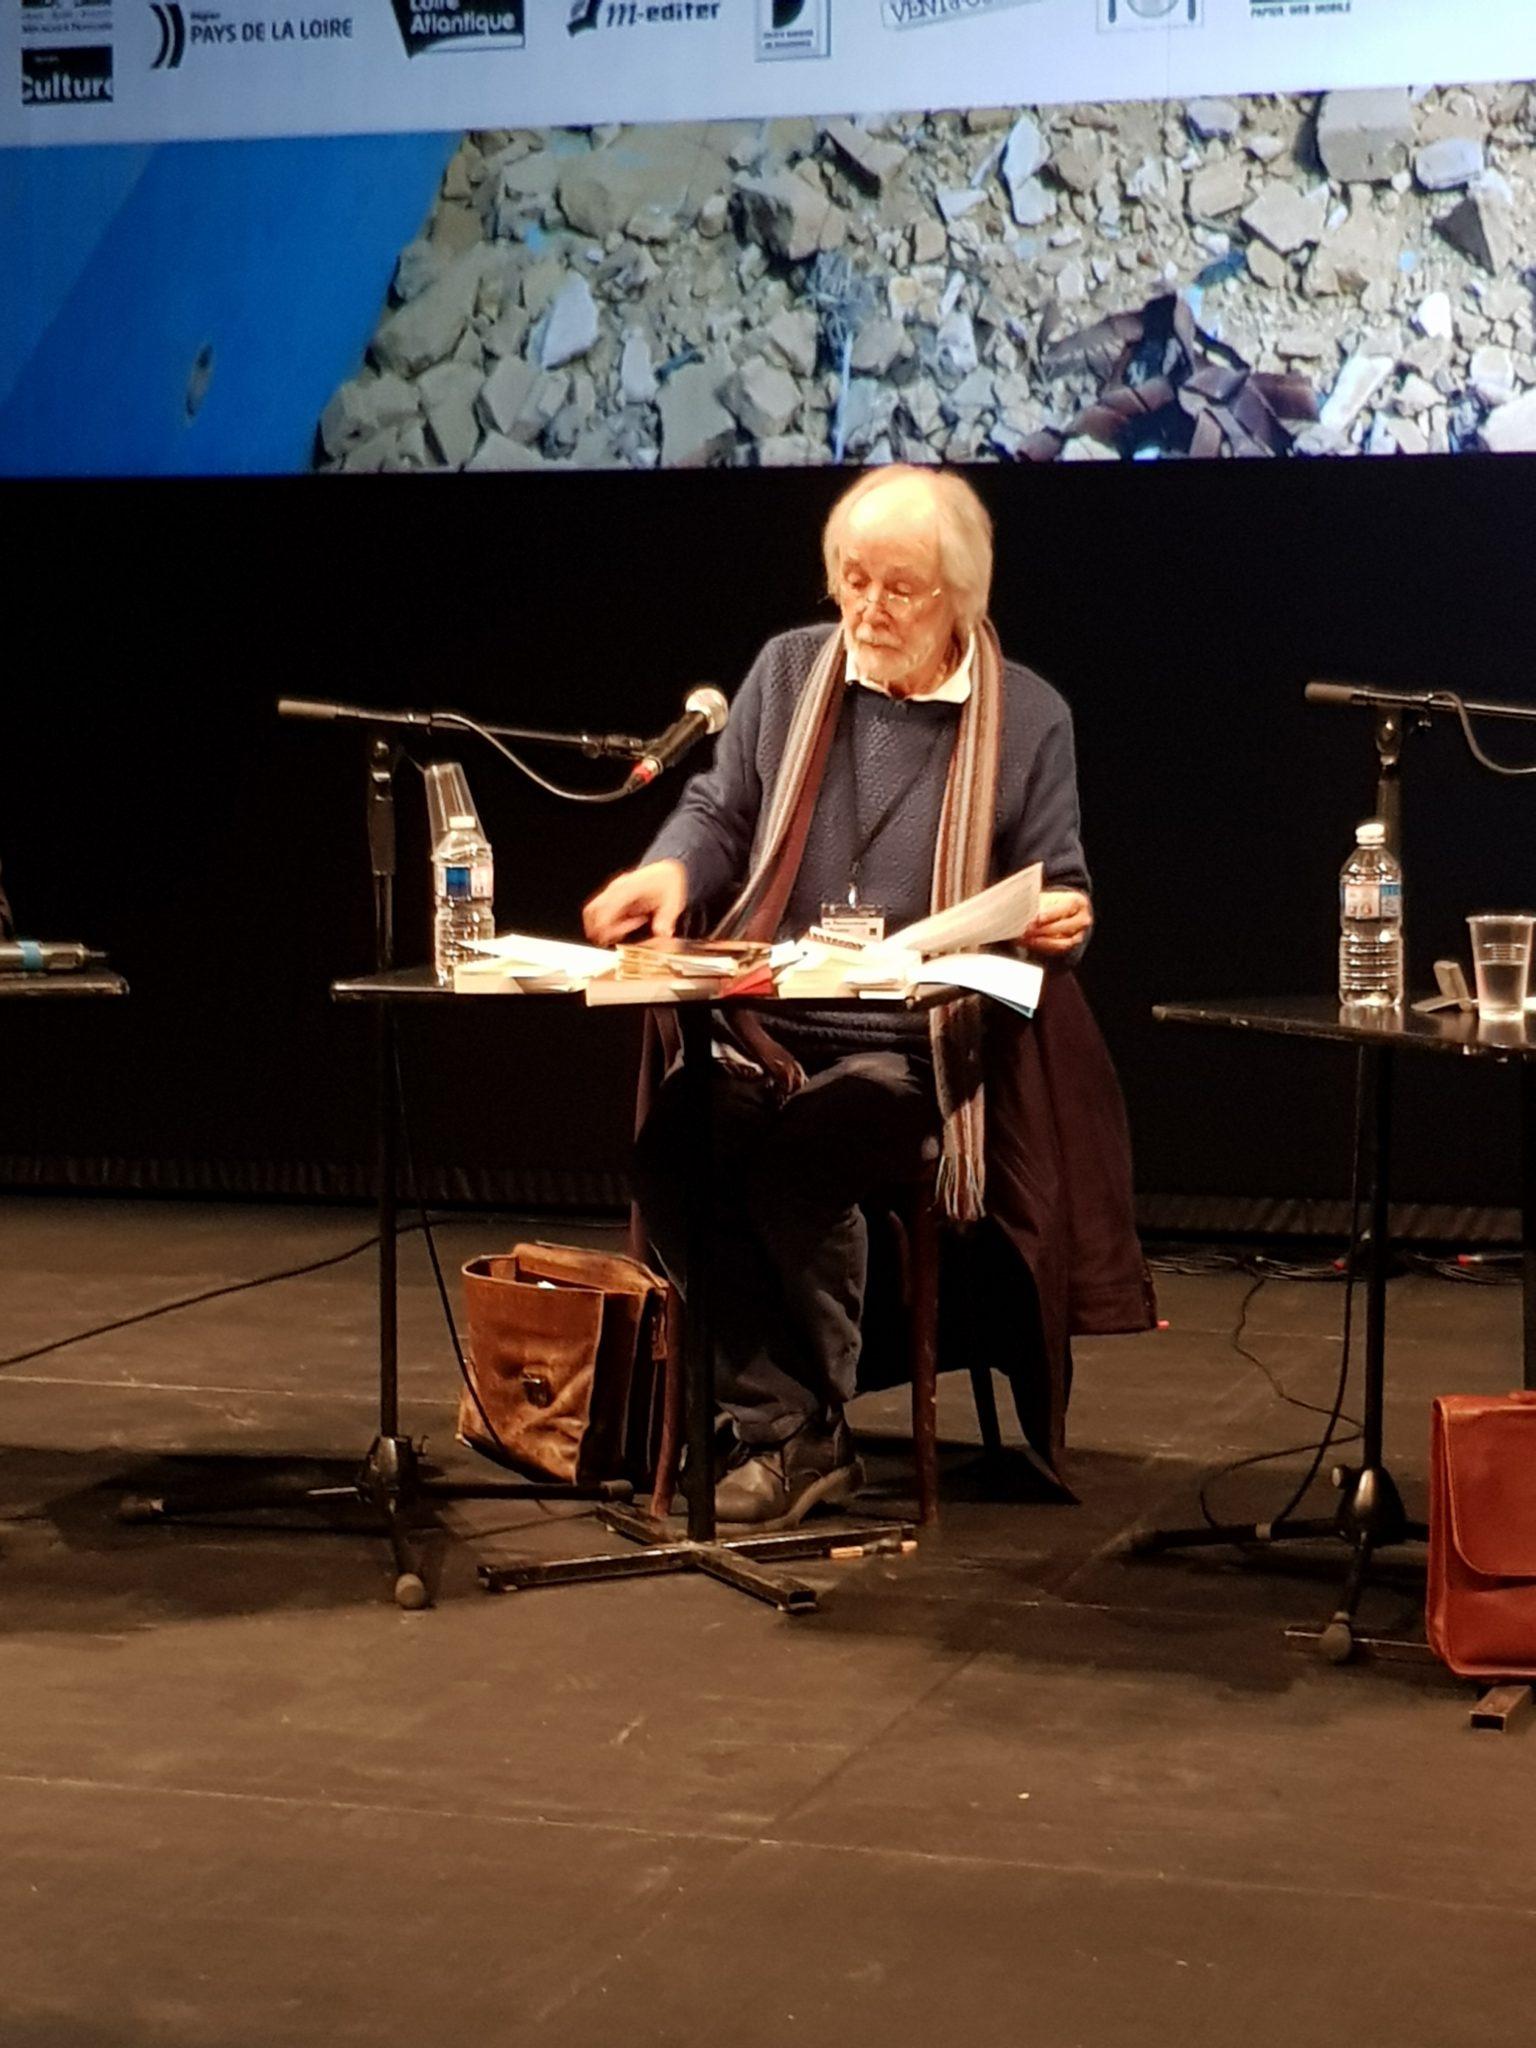 Rencontre sde Sophie Guerre et paix Philosophia Lieu Unique de Nantes Gaubert J (1)